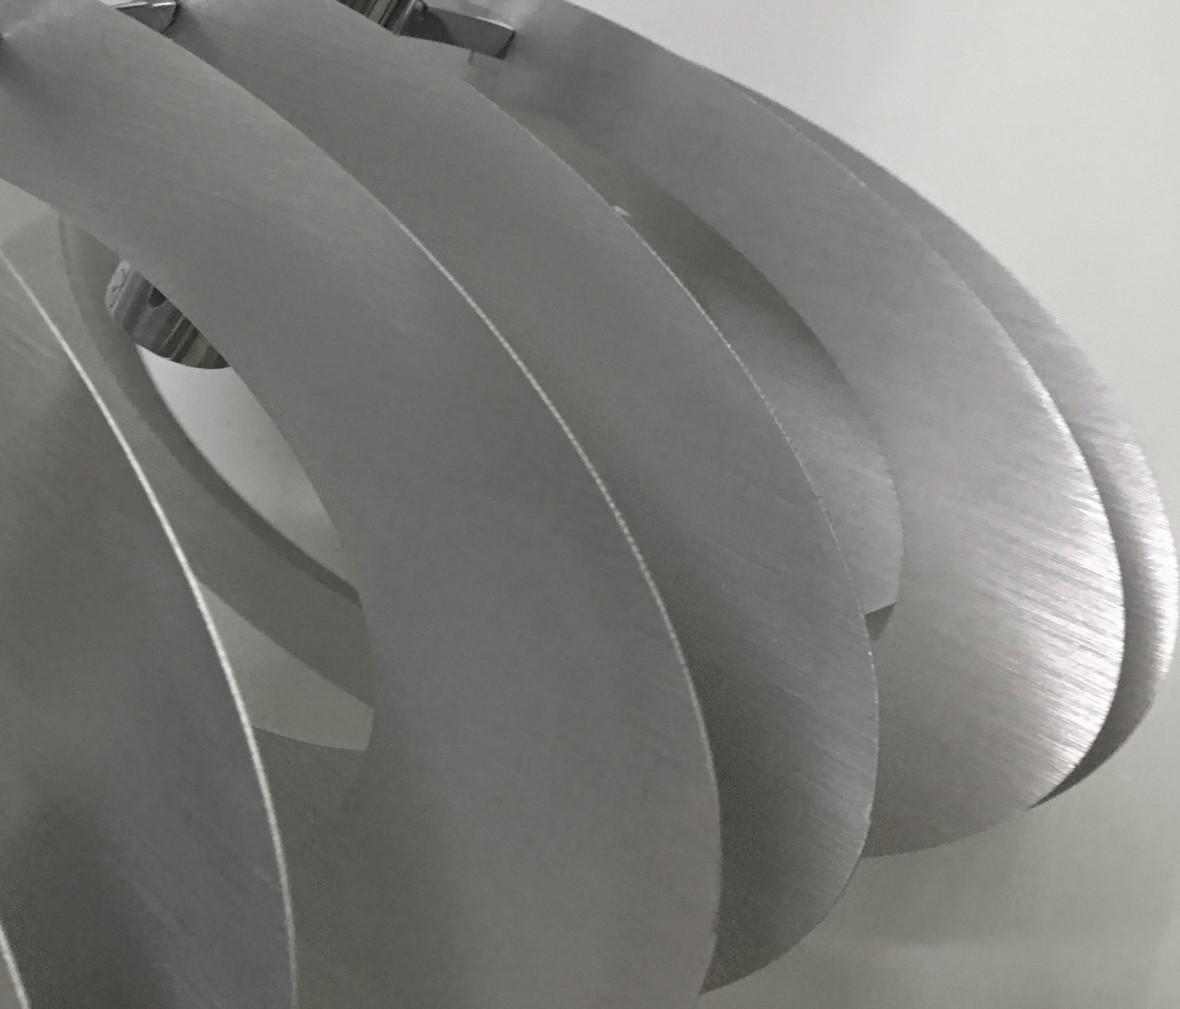 阿尼玛灯饰 S-7091/450型号灰色吊灯 金属材质 创意吊灯 图片、价格、品牌、评测样样齐全!【蓝景商城正品行货,蓝景丽家大钟寺家居广场提货,北京地区配送,领券更优惠,线上线下同品同价,立即购买享受更多优惠哦!】